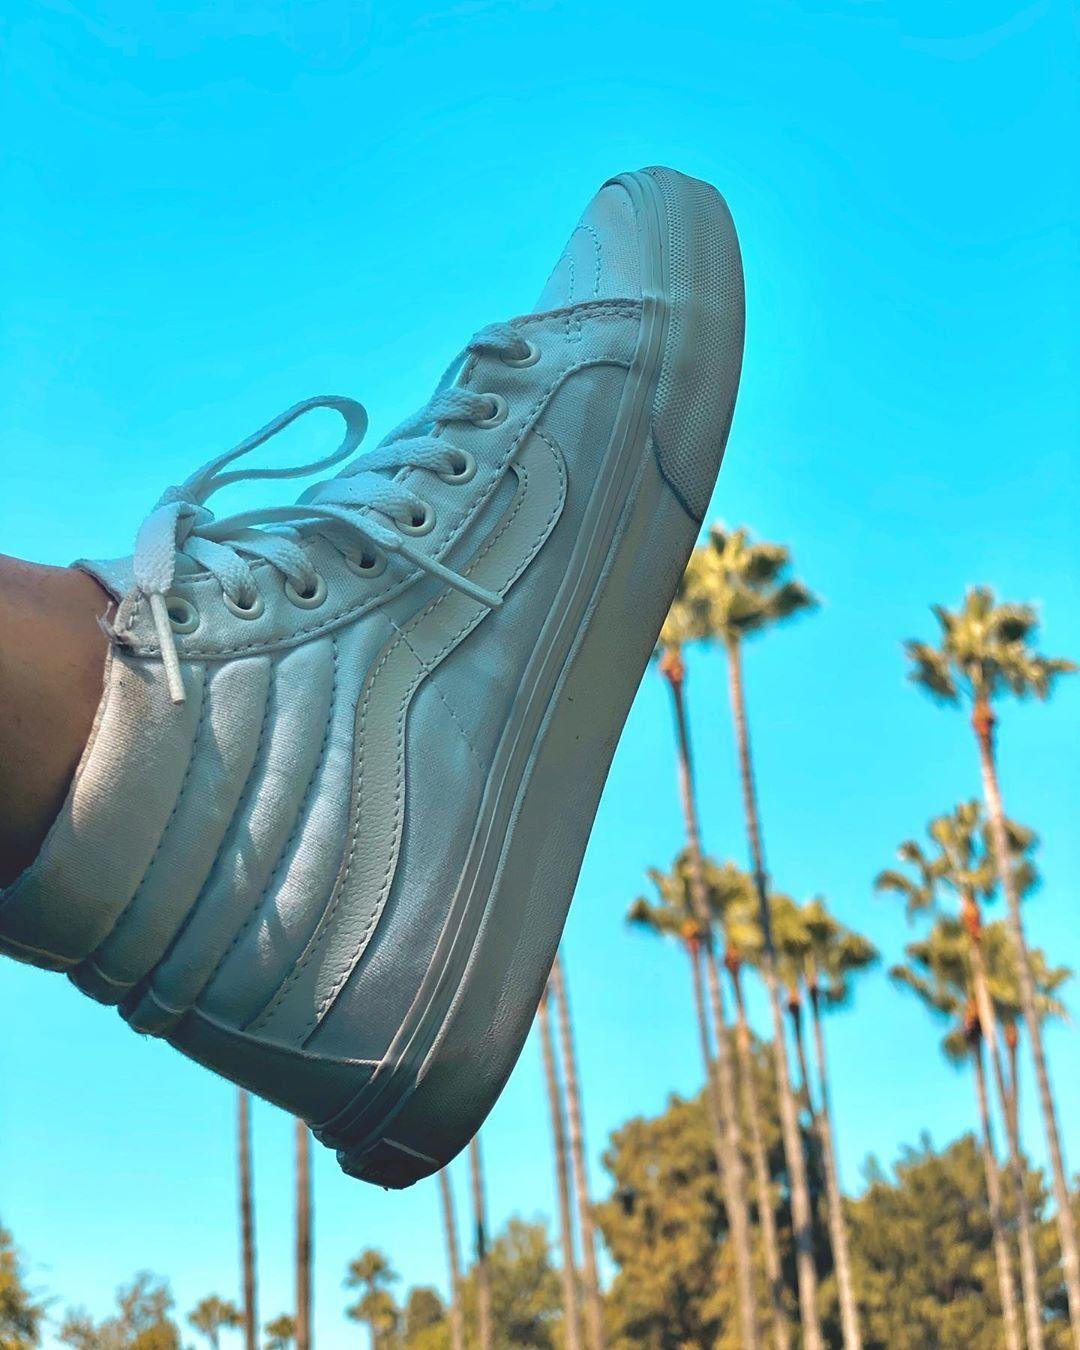 Vans Sk8 Hi Skate Shoe - White in 2020